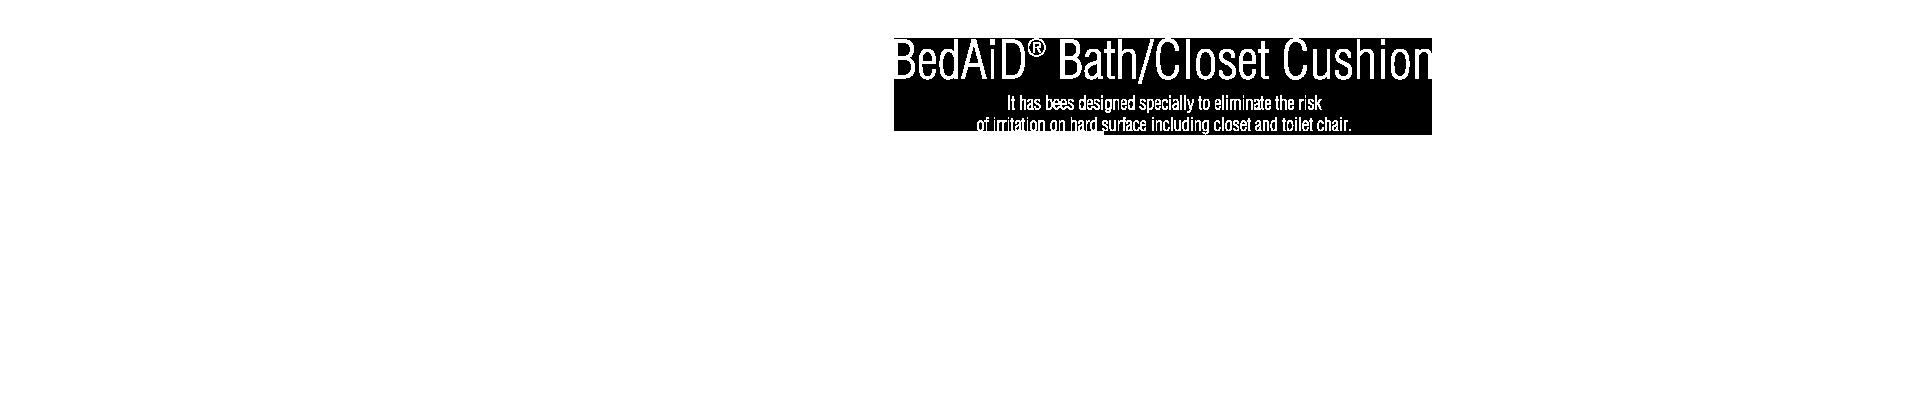 Banner Bedaid tuvalet minderi  Başlık